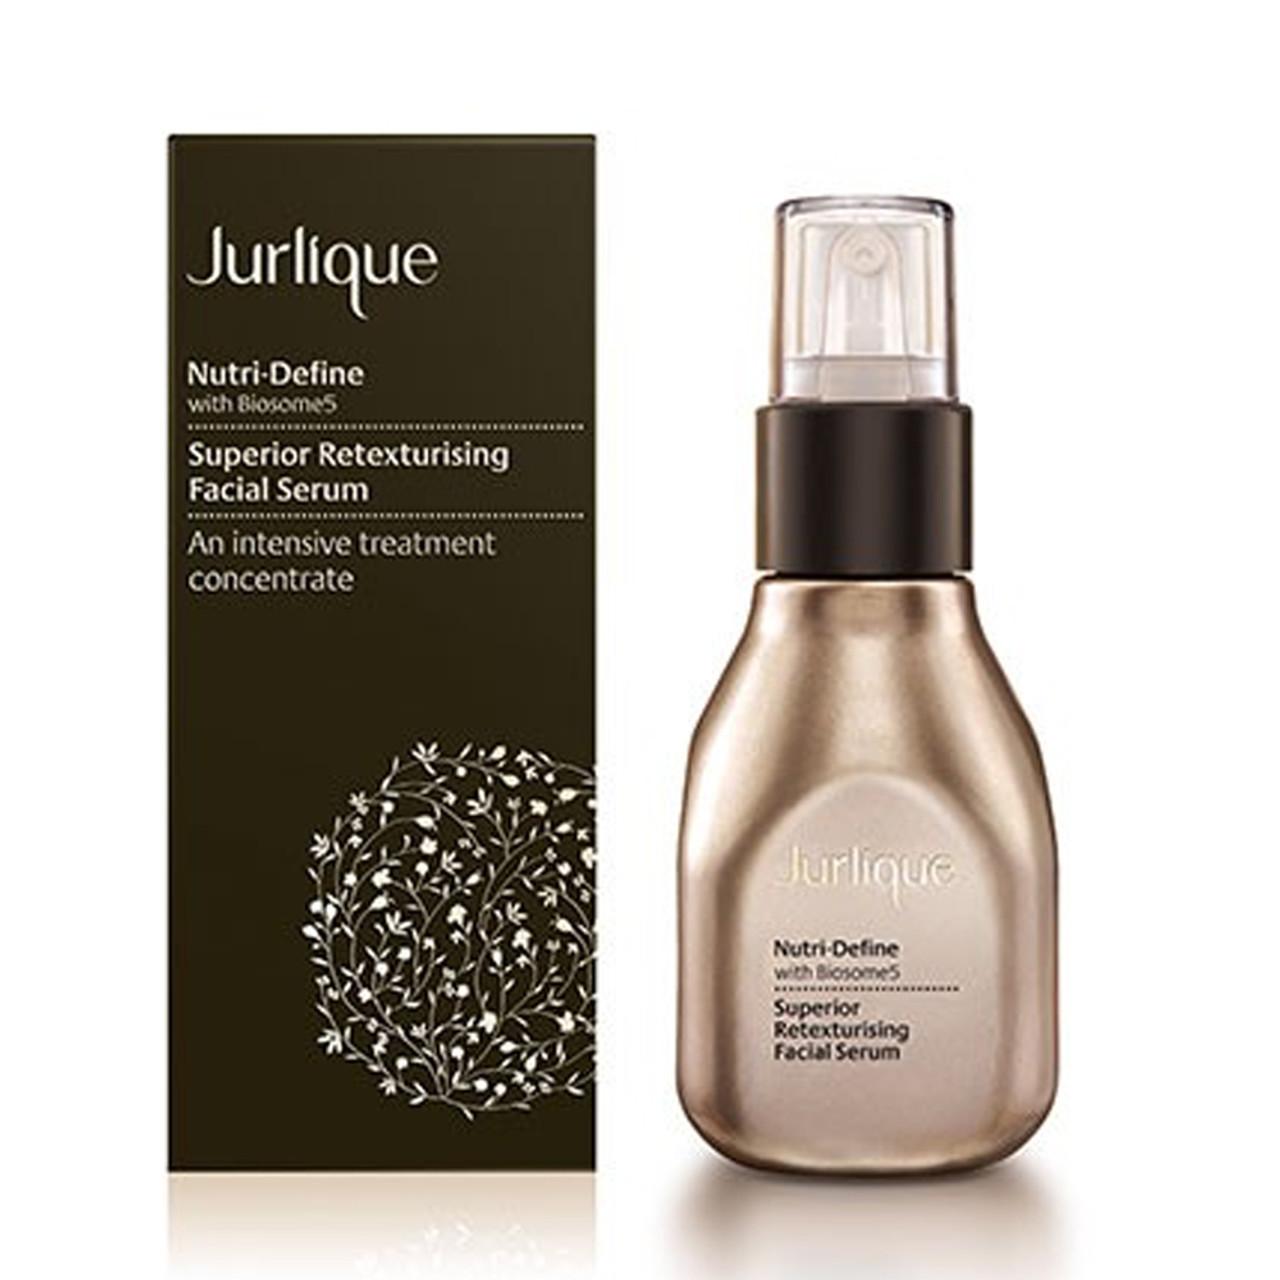 Jurlique Nutri Define Superior Retexturising Facial Serum